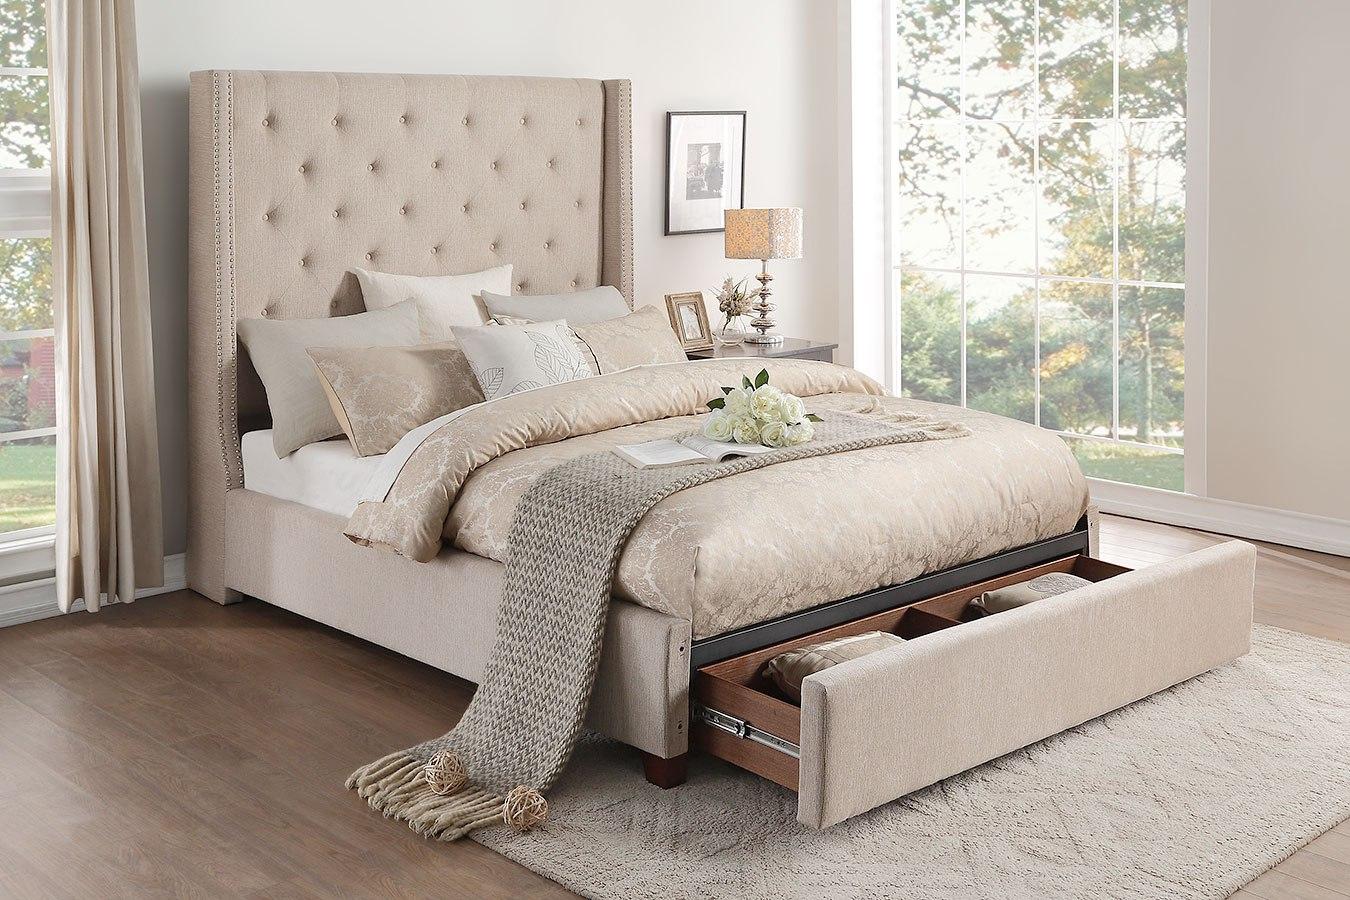 Fairborn Beige Upholstered Storage Bed By Homelegance Furniturepick